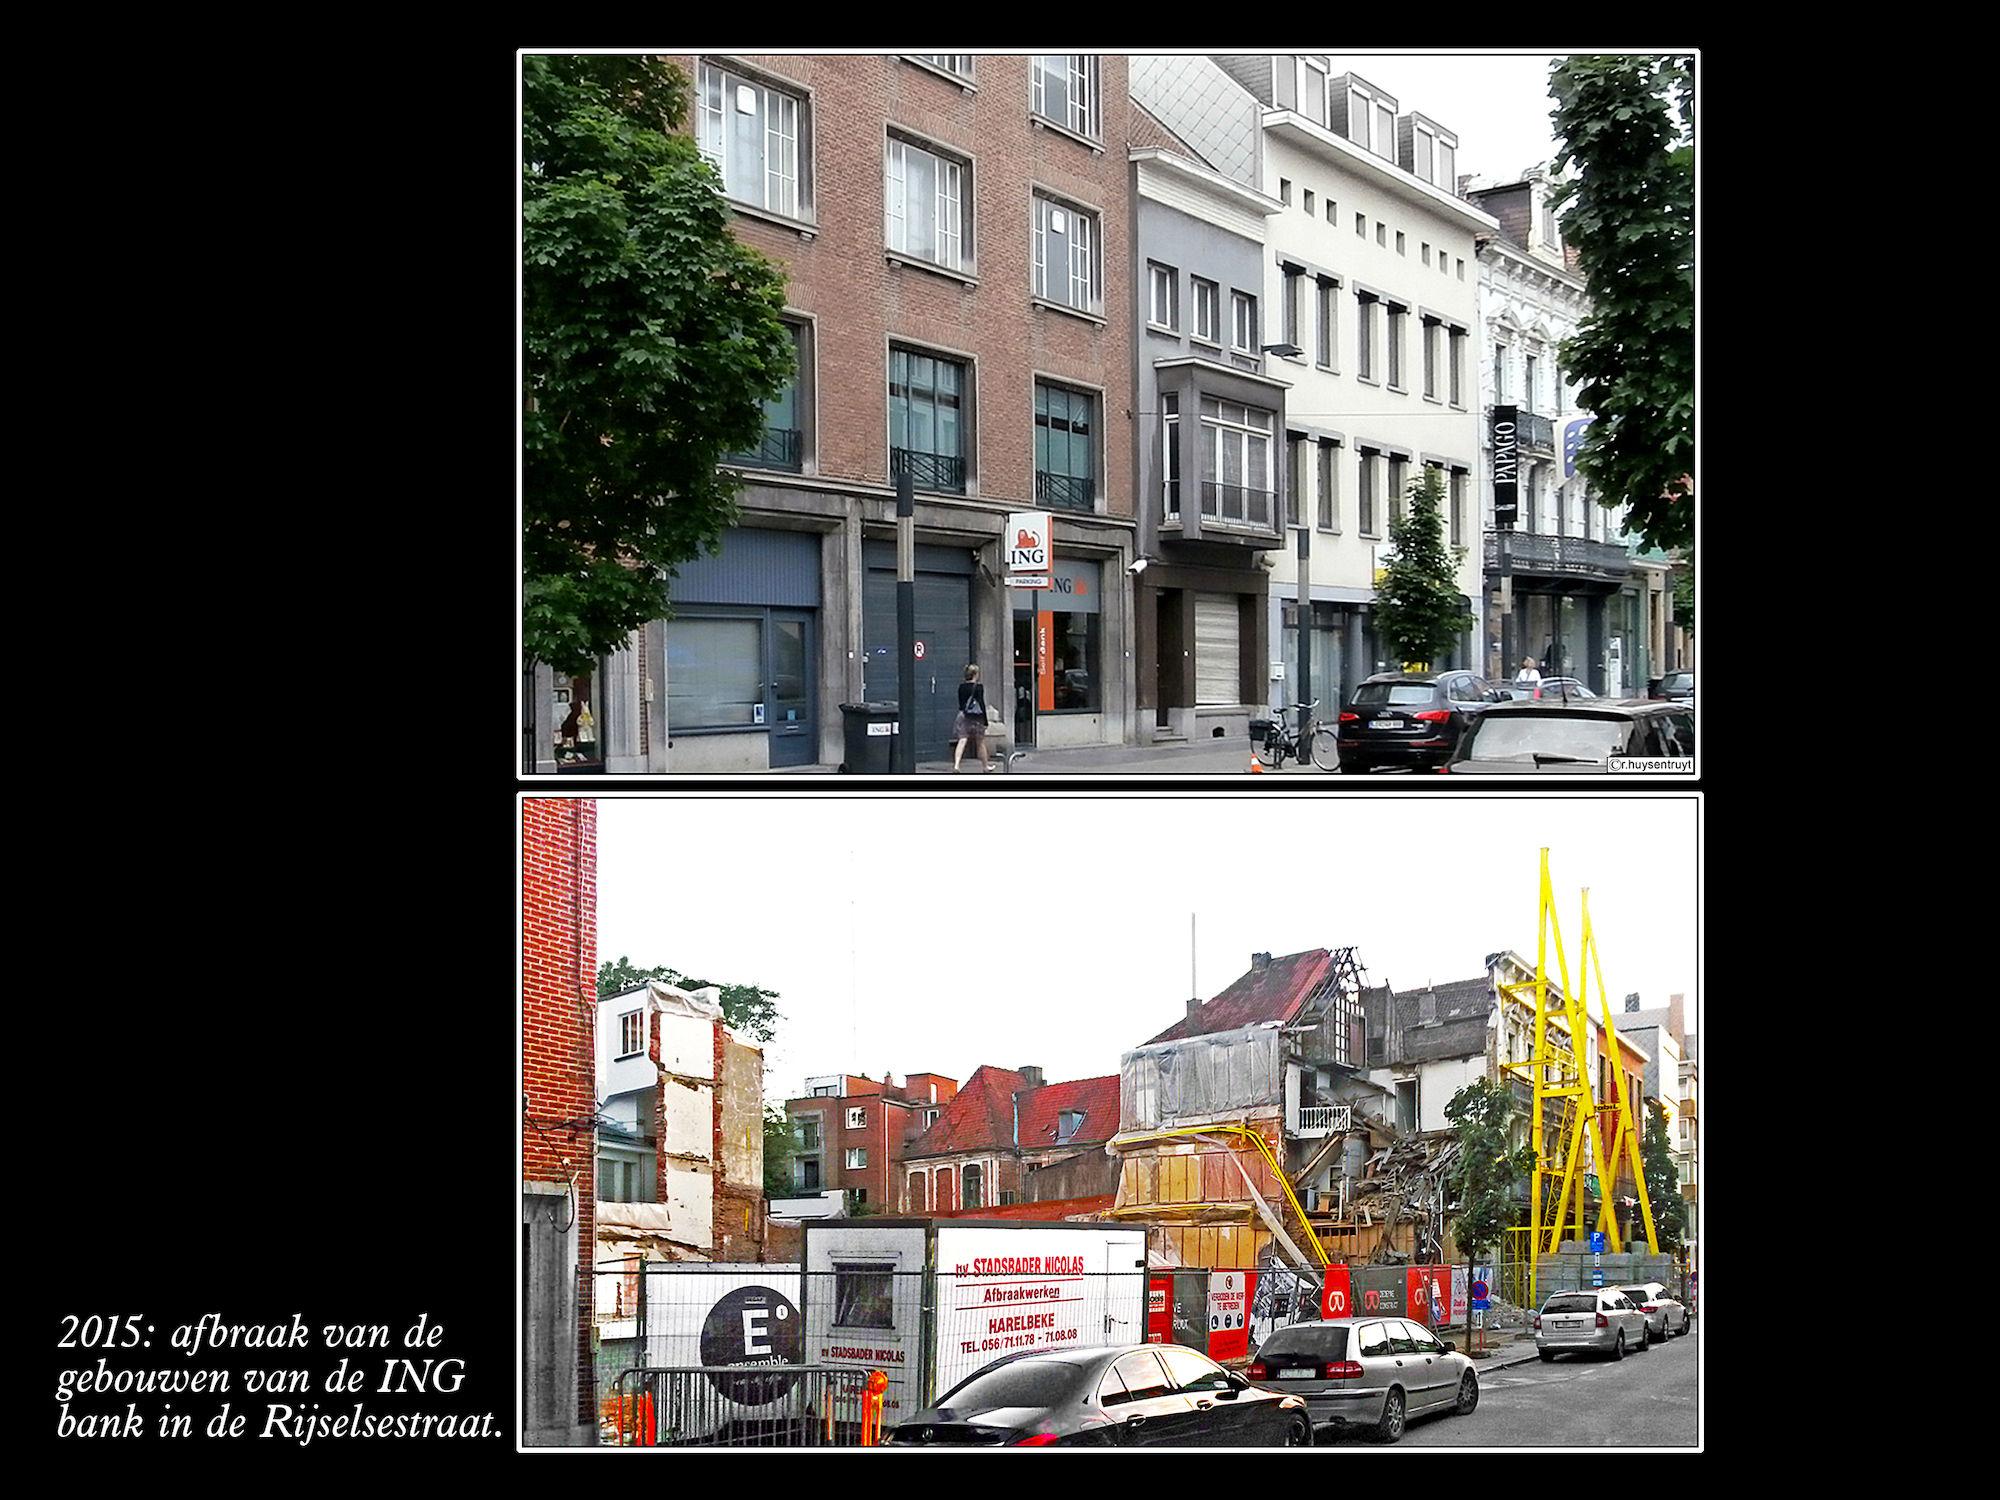 Rijselsestraat 2012 en 2015